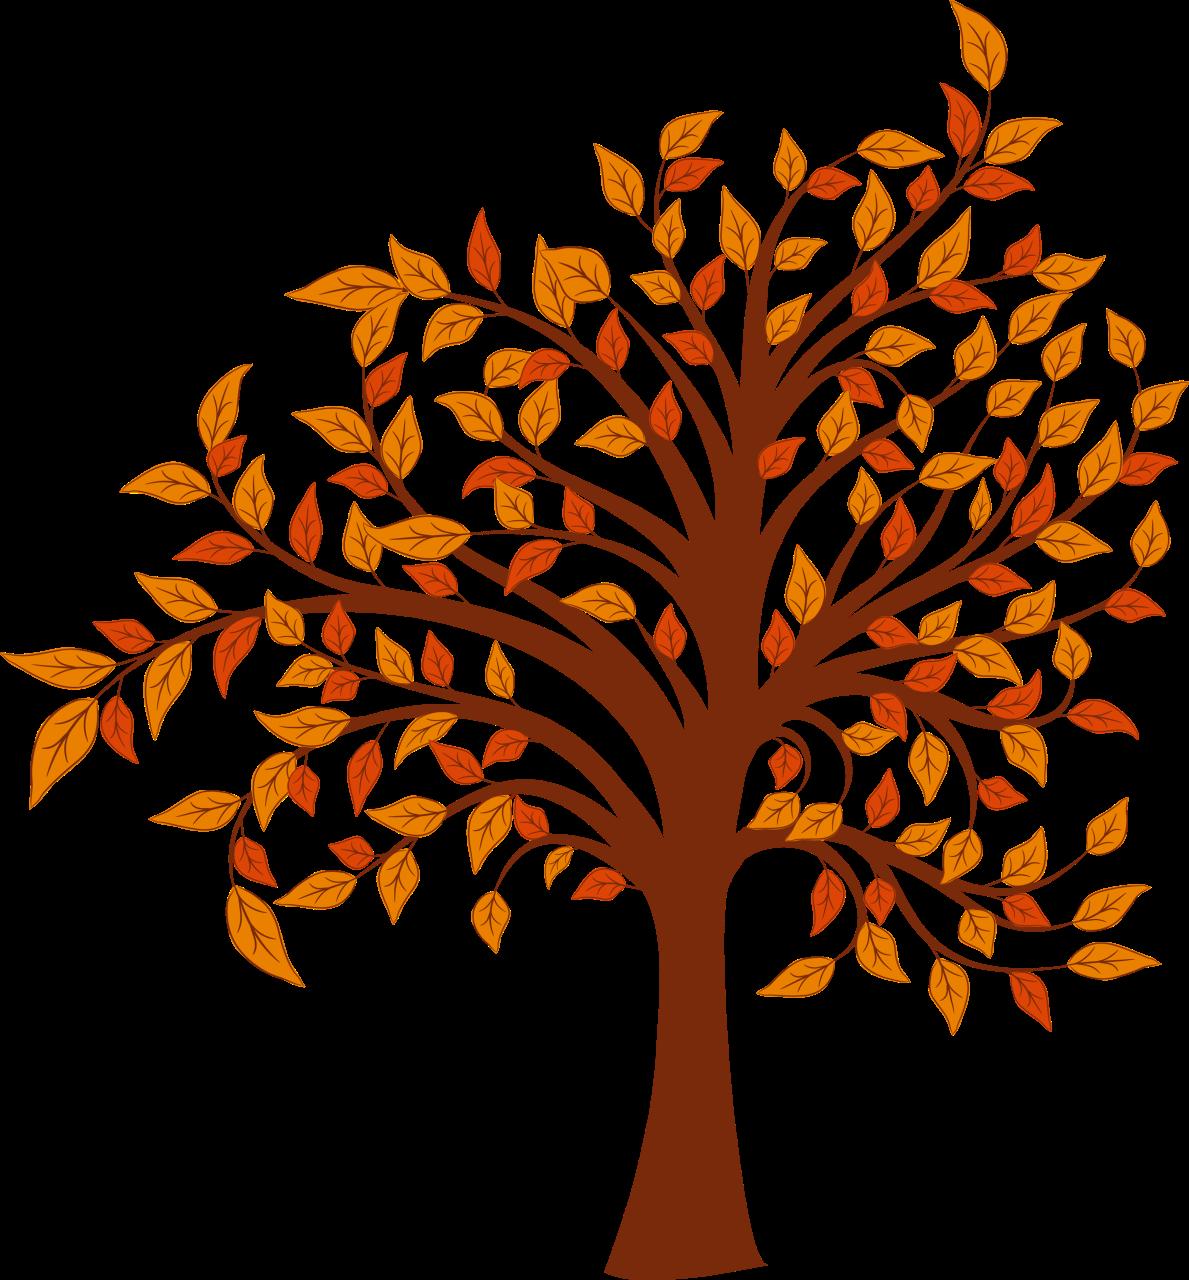 Autumn Tree Clipart - .-Autumn tree clipart - .-6